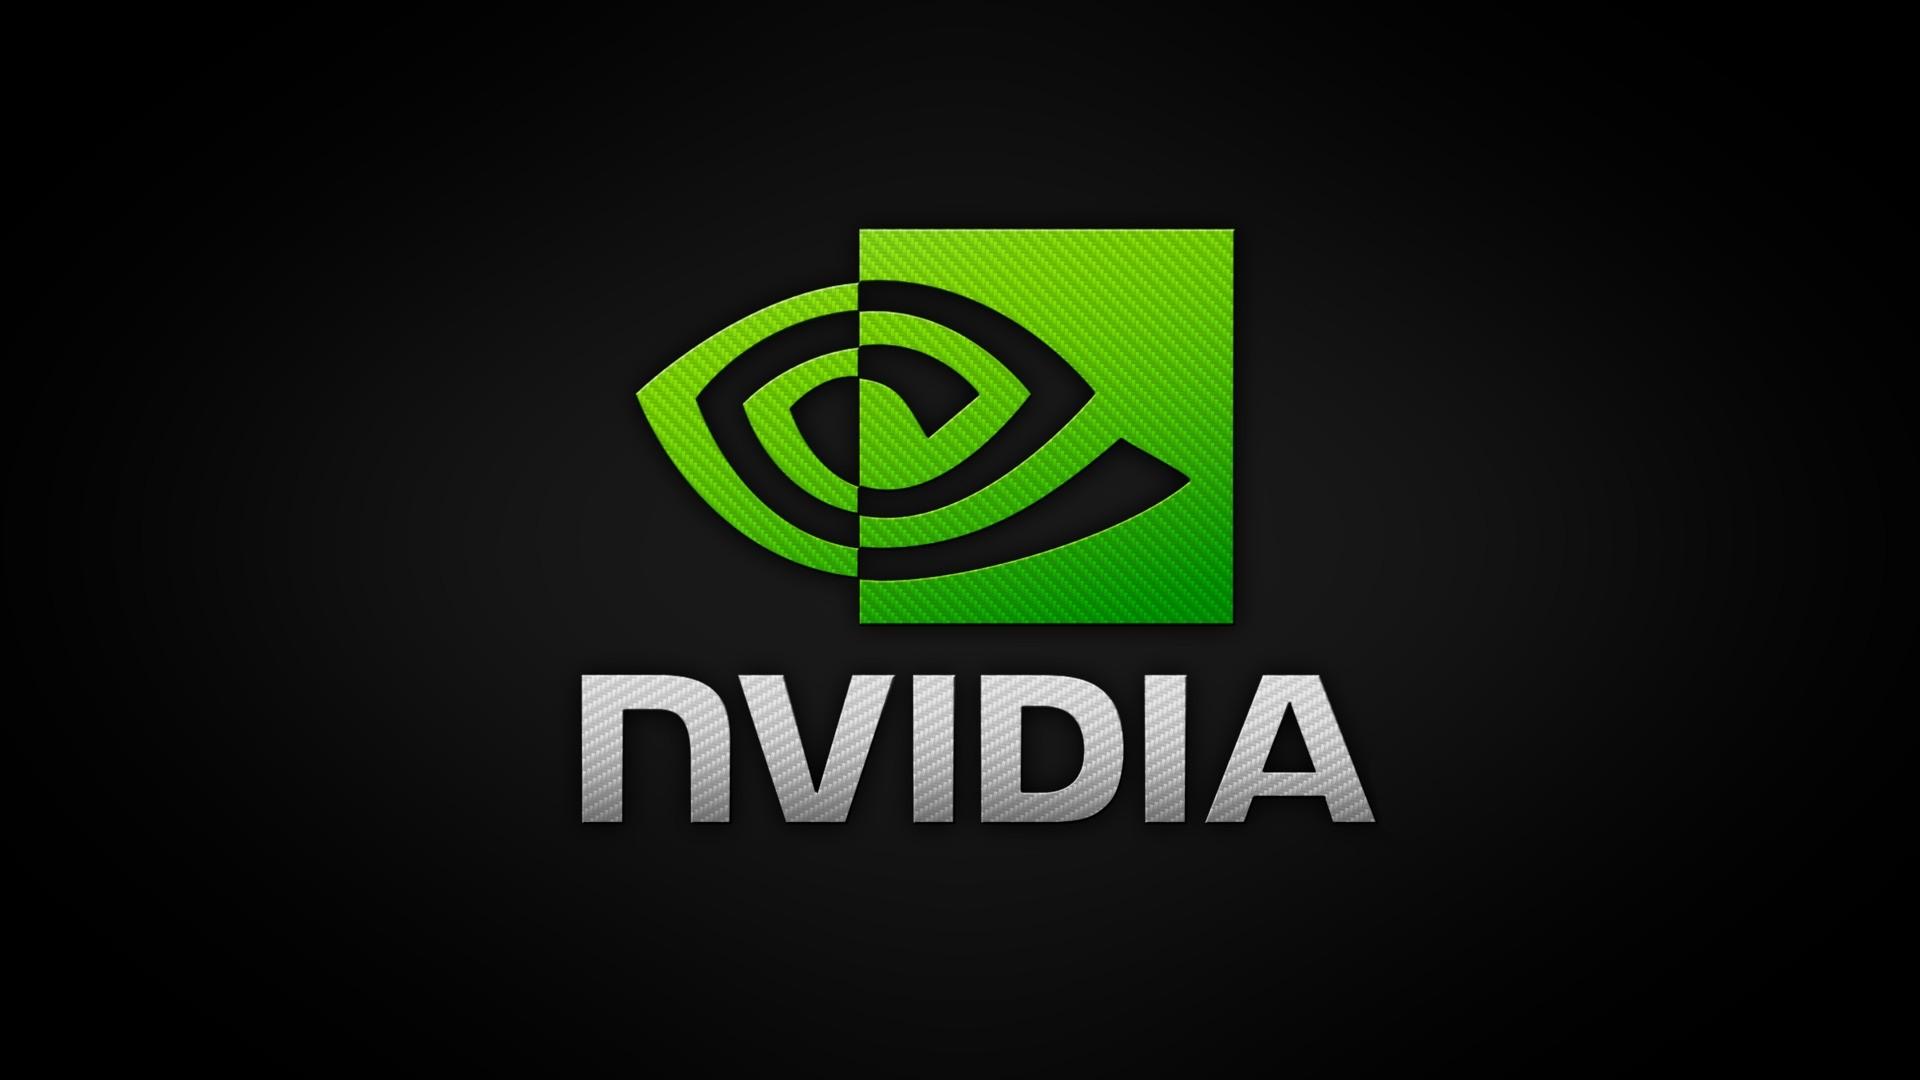 Nvidia hd desktop wallpaper